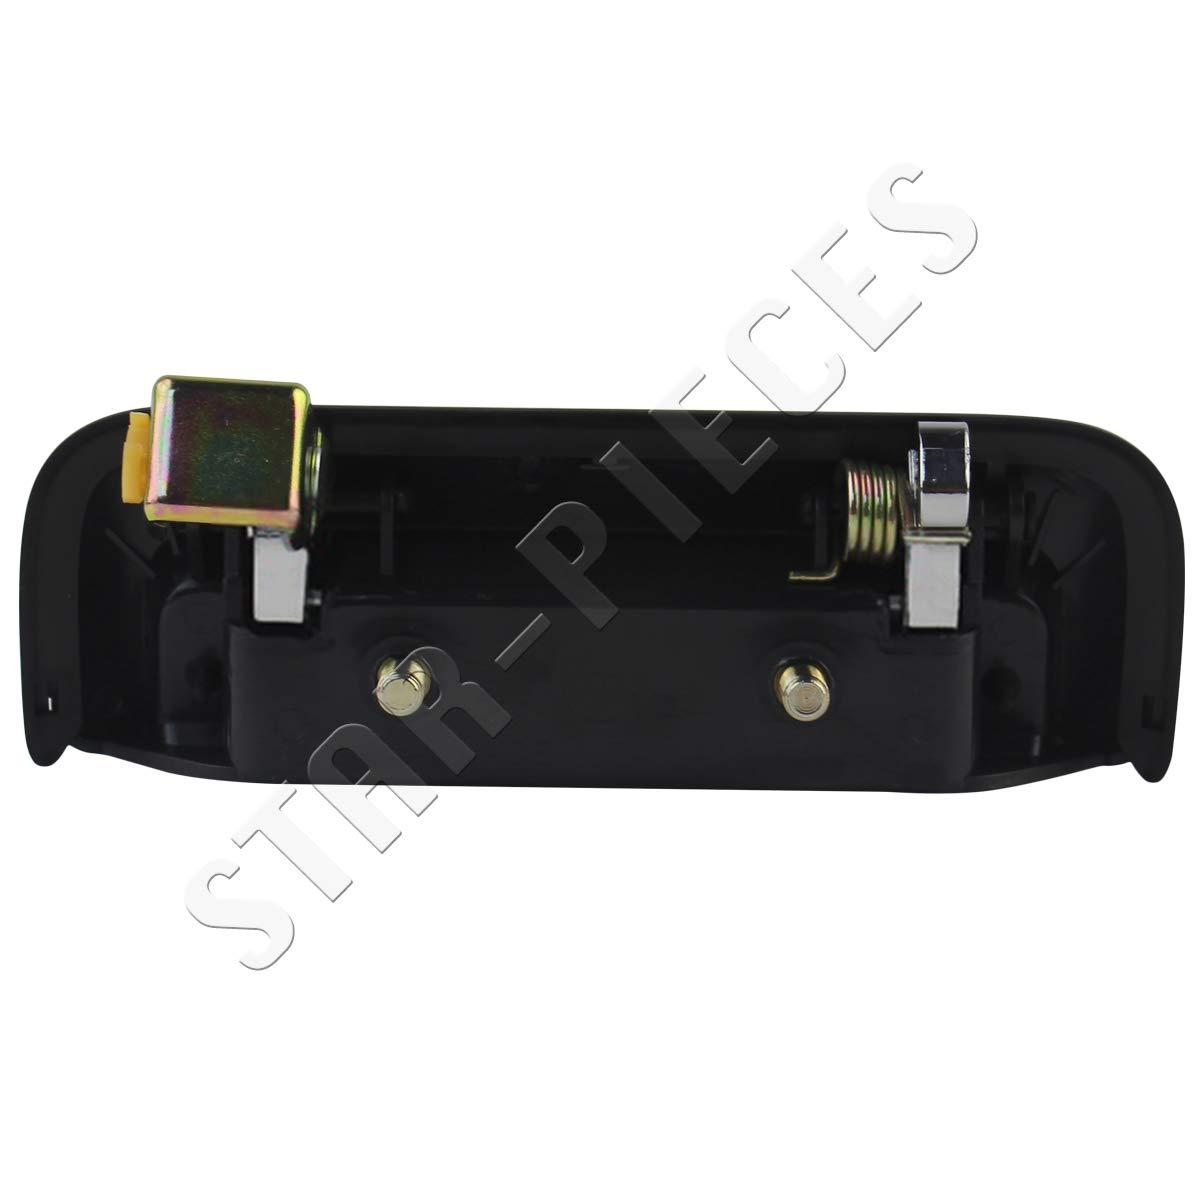 Maniglia esterna sinistra o maniglia baule coperchio baule portellone posteriore L200 e L300.